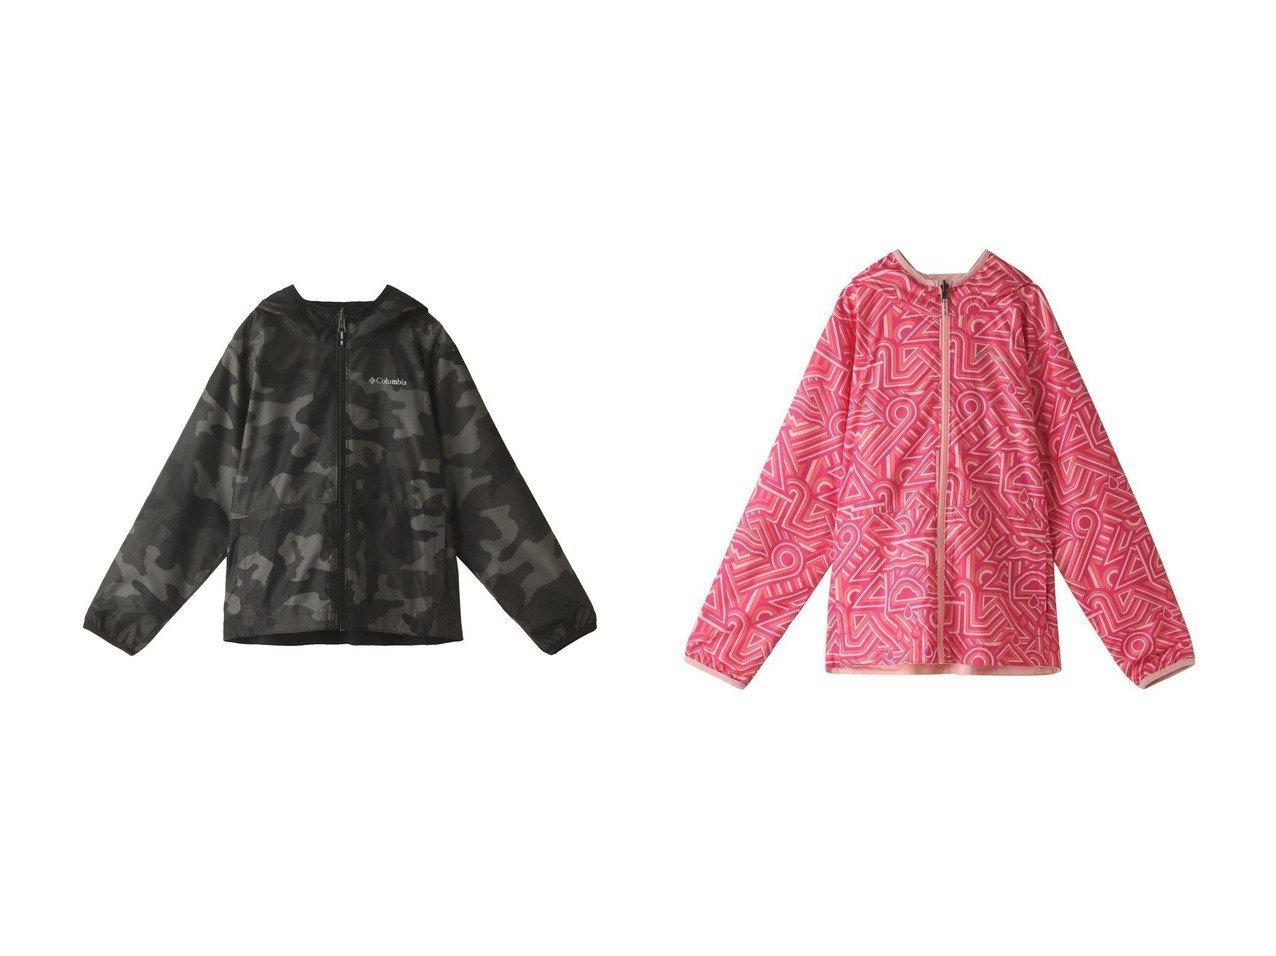 【Columbia / KIDS/コロンビア】の【Kids】ピクセルグラバーリバーシブルジャケット 【KIDS】子供服のおすすめ!人気トレンド・キッズファッションの通販  おすすめで人気の流行・トレンド、ファッションの通販商品 メンズファッション・キッズファッション・インテリア・家具・レディースファッション・服の通販 founy(ファニー) https://founy.com/ ファッション Fashion キッズファッション KIDS アウター Coat Outerwear /Kids シンプル ジャケット 無地 |ID:crp329100000032579